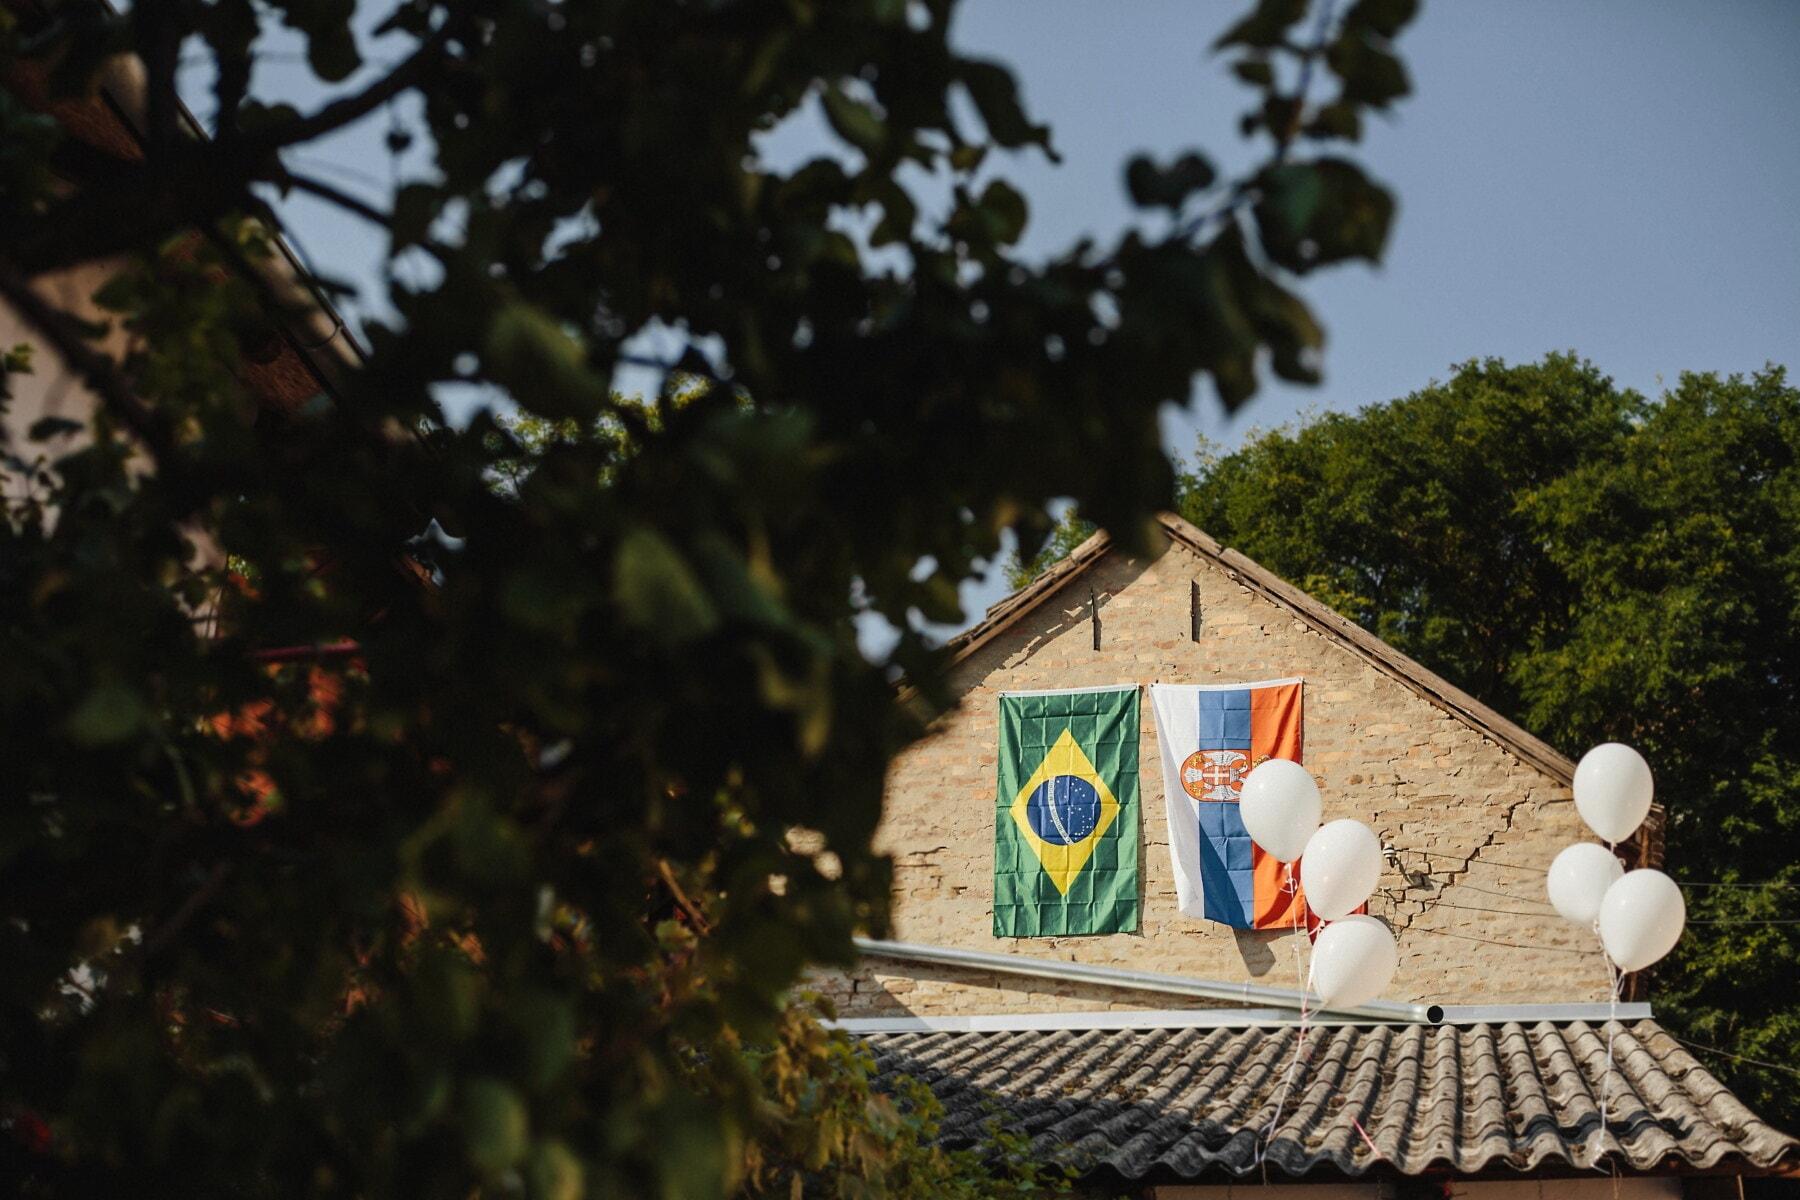 Brésil, Serbie, drapeau, ballon, sur le toit, toits, architecture, arbre, Accueil, maison